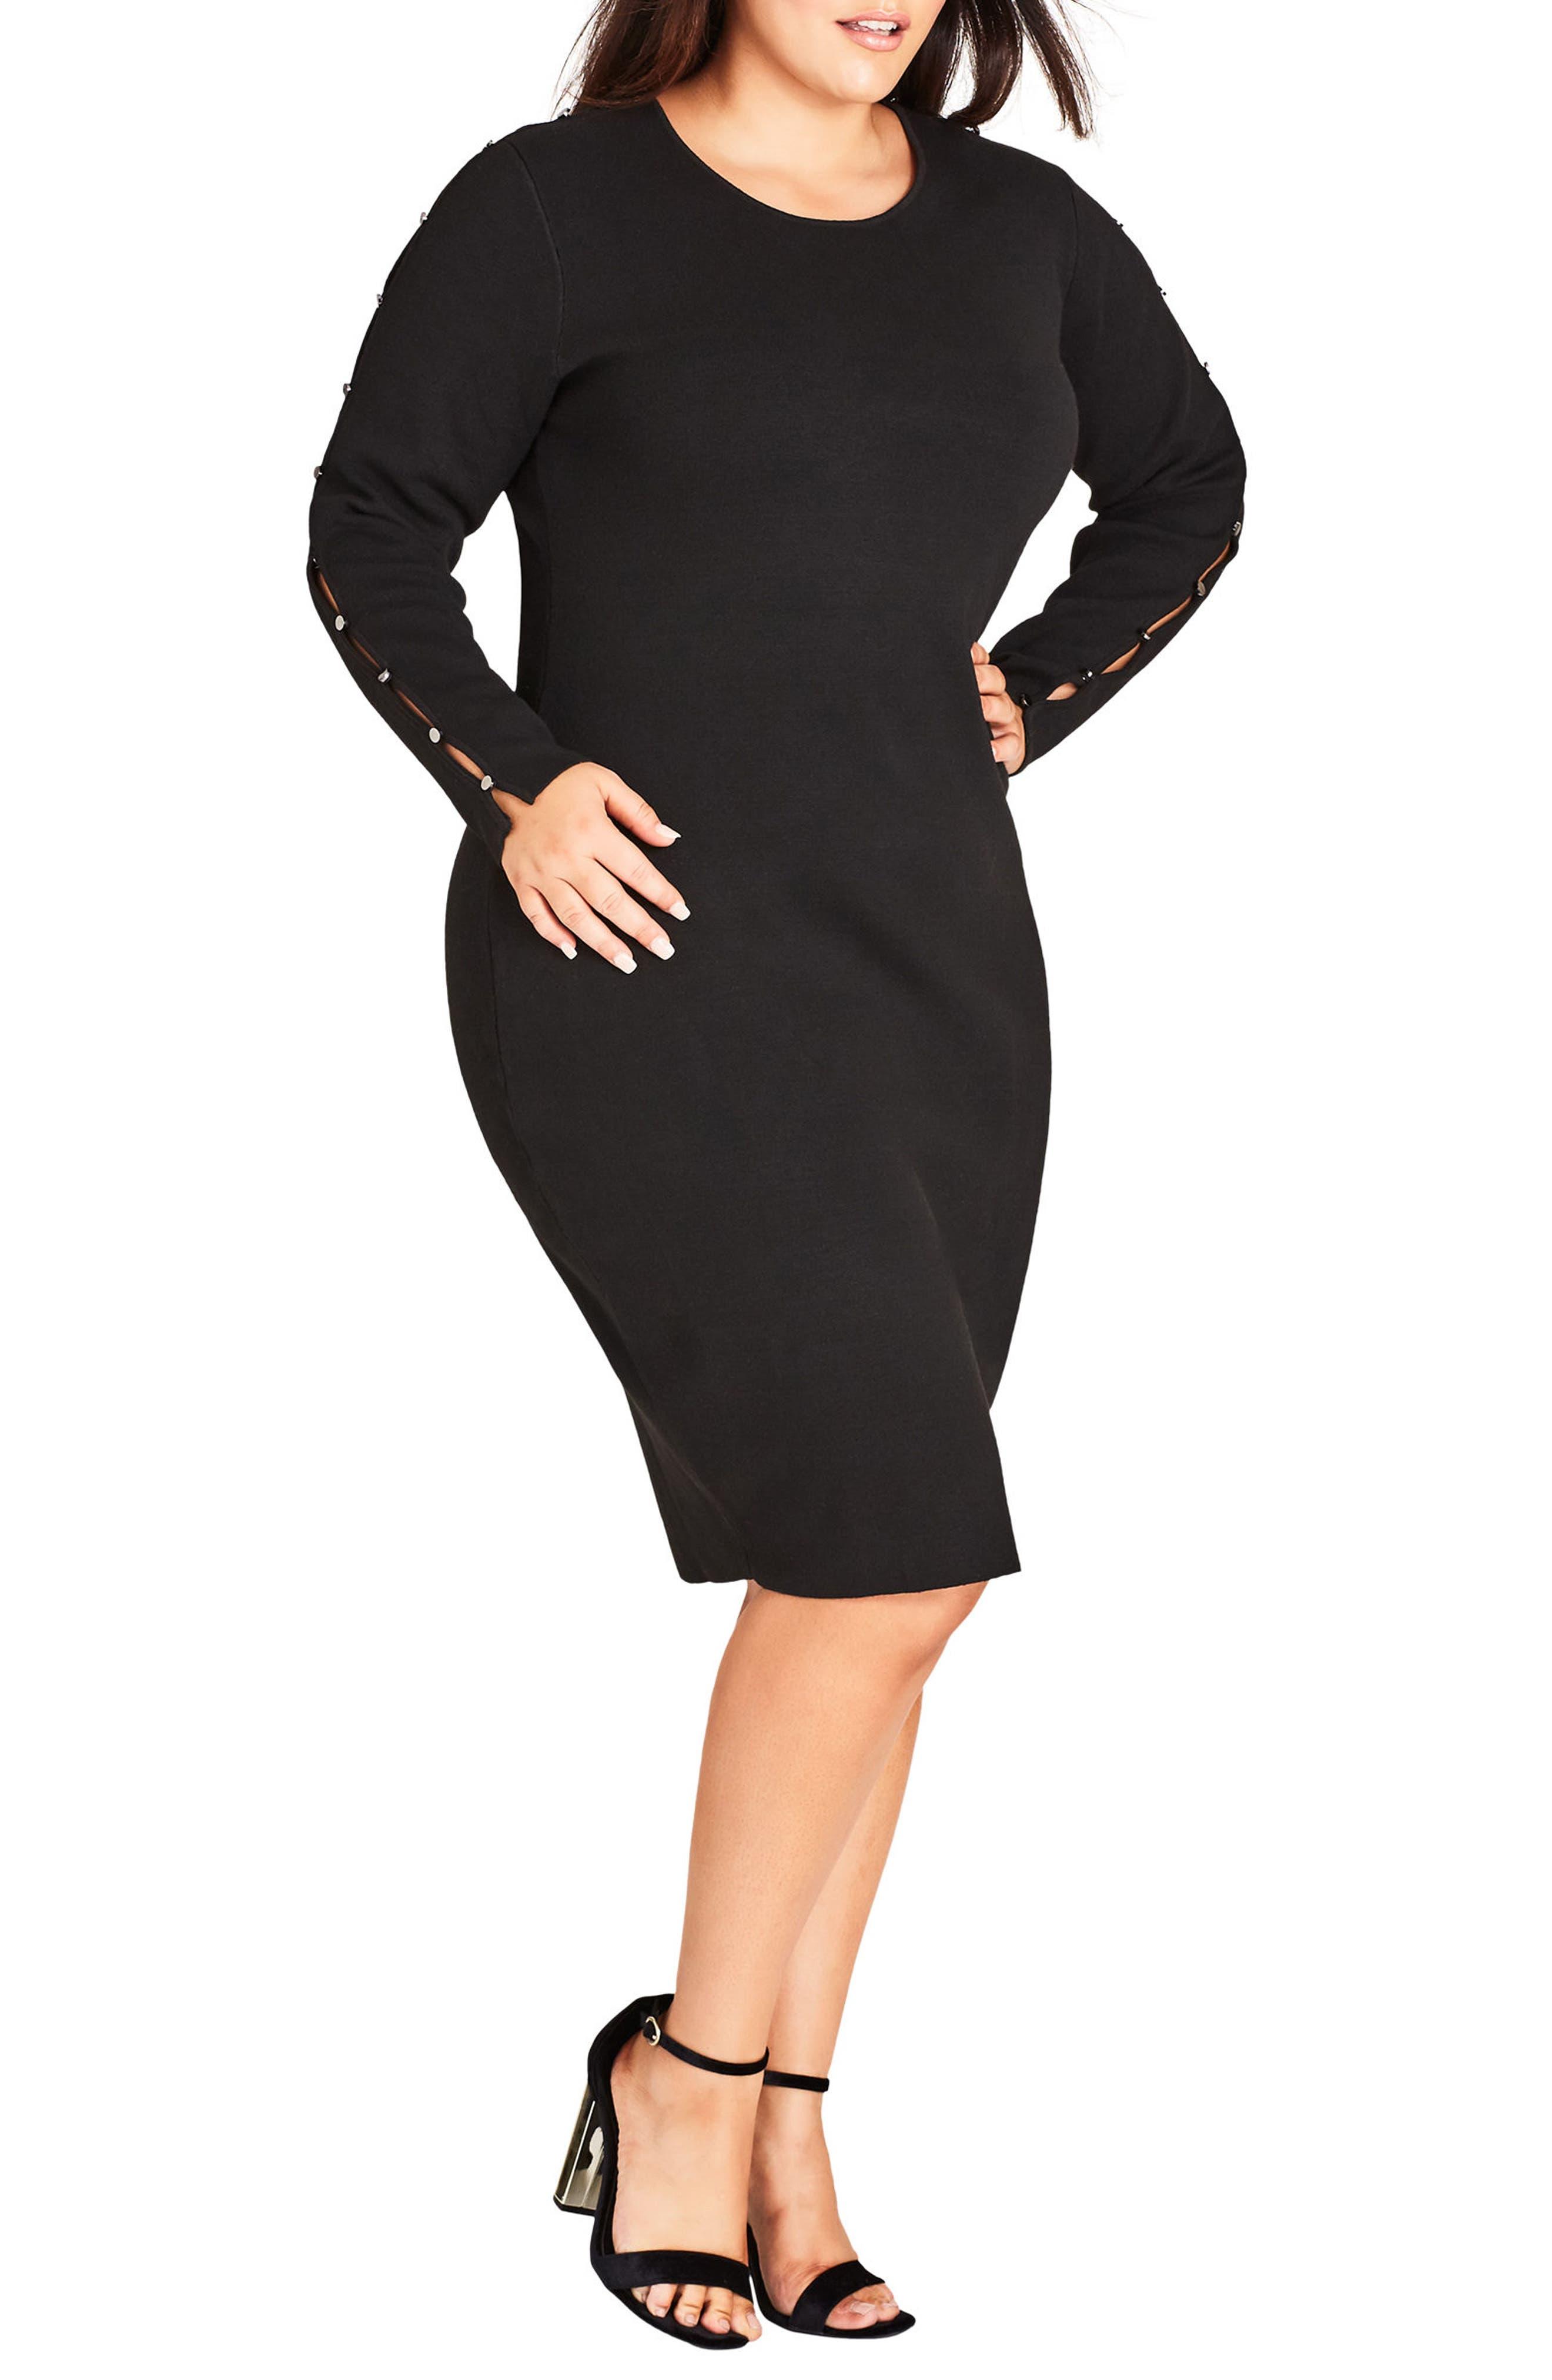 Stud Love Knit Dress,                             Main thumbnail 1, color,                             BLACK